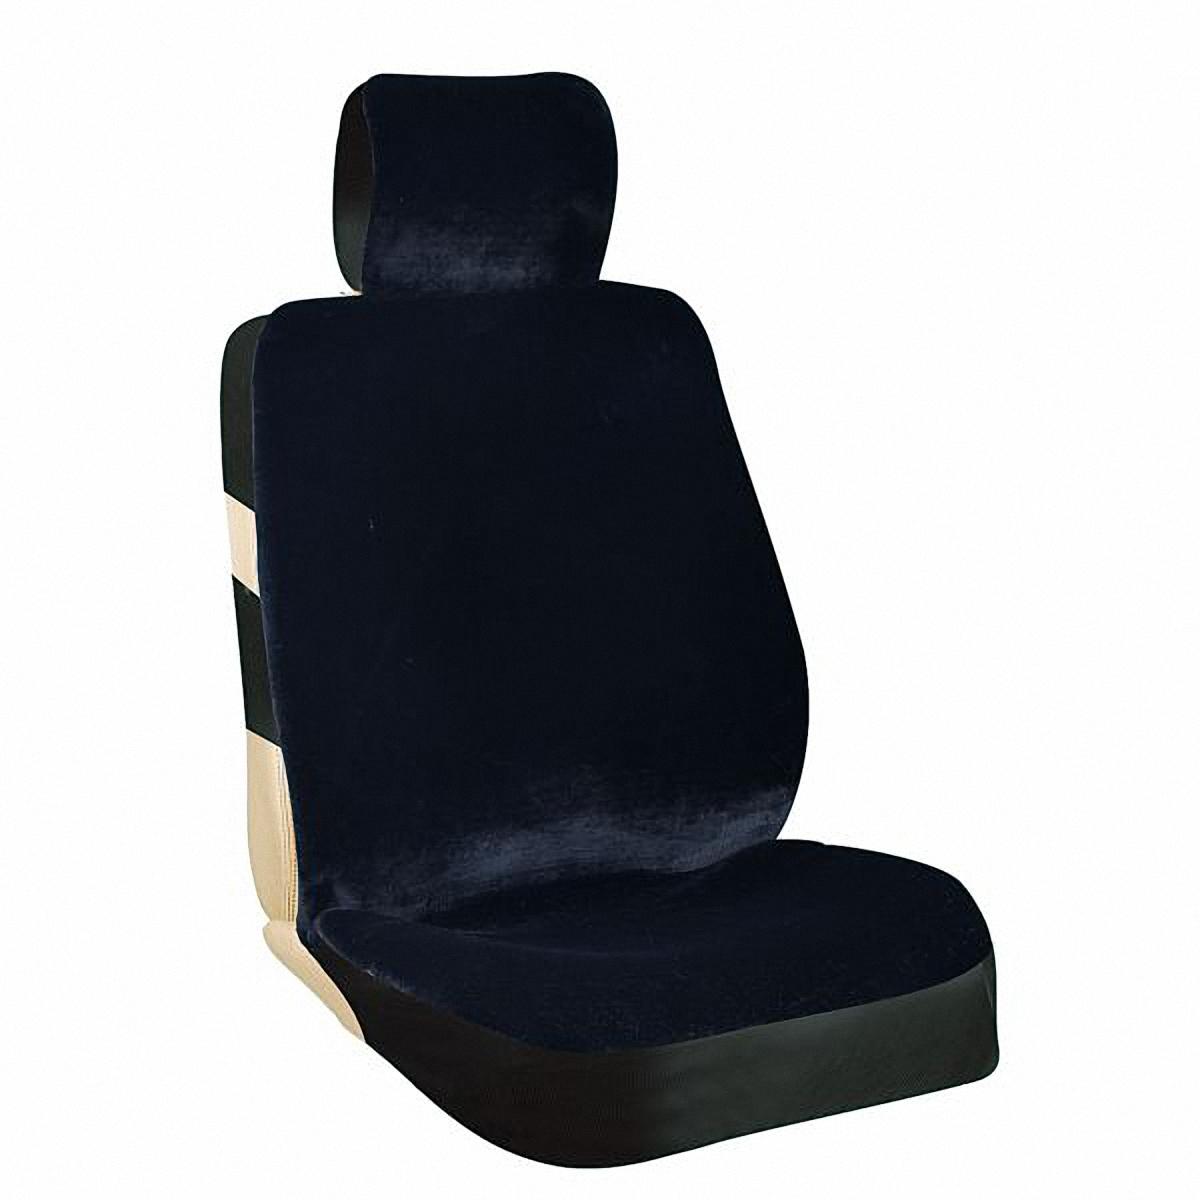 Чехол на сиденье Skyway, 2 шт. S03001075S03001075Комплект чехлов на сиденья Skyway выполнен из искусственного мутона, благодаря которому чехлы сохраняют свою форму. Многослойная структура изделия и спинка из тонкой тянущейся ткани позволяют максимально точно повторять контур сидений, делая чехлы универсальными.Крепятся при помощи резинок и пластиковых креплений. Комплект из двух предметов со слитной схемой надевания и подголовником быстро устанавливаются. Искусственный мутон сохраняет тепло, чехол не скользит по сиденью.Комплектация:Чехлы для передних сидений 2 шт.Характеристики:Основной материал - искусственный мутон/тканьНаполнитель - триплированный* поролон 5 ммСлитный подголовник - даЦвет - черныйКарманы в спинках передних сидений - даКрепление - пластиковое крепление/резинкиСлитная схема надевания - даРазмеры: Длина чехла - 137 смШирина спинки - 56 смШирина сиденья - 54 смШирина подголовника - 26 смТриплированный поролон - высокотехнологичных материалов в три слоя с завершающей основой, благодаря которой поролон не сыпется и сохраняет свою форму.Чехлы являются универсальными. Эластичный материал на спинках и по бокам тянется, позволяя максимально точно повторять контур сидений.